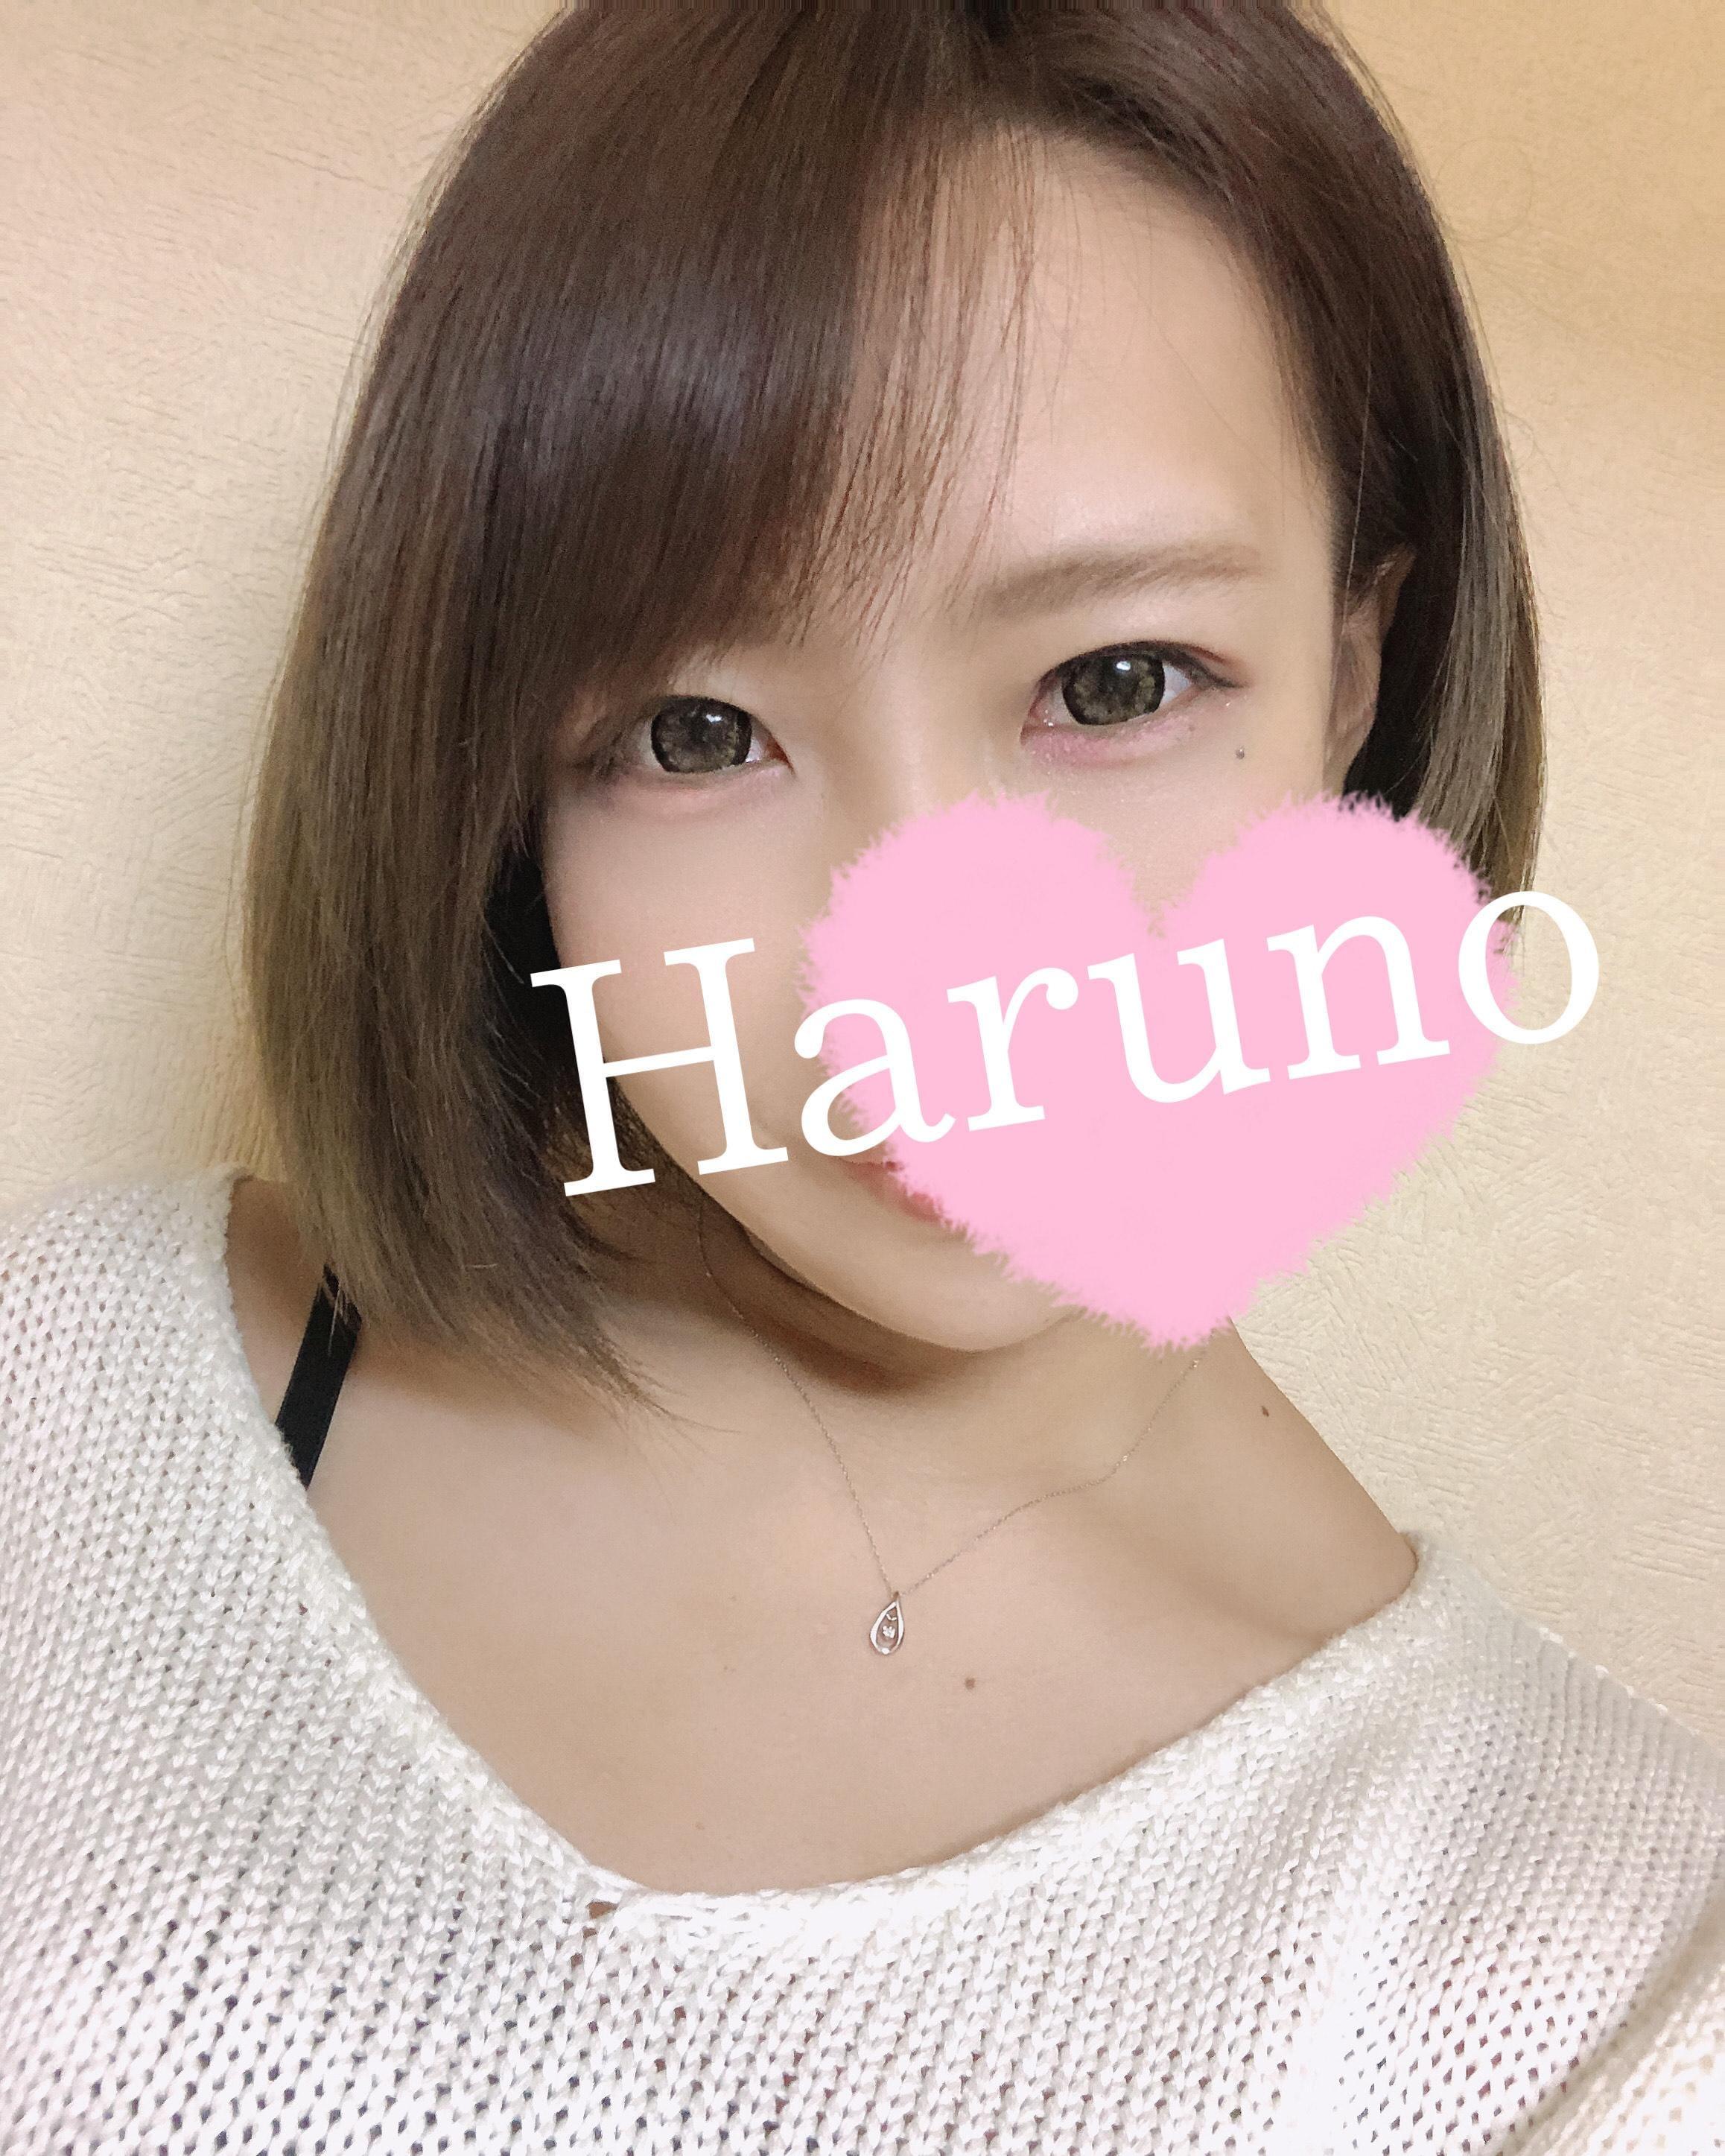 「おひさしぶりですm( ˊ•̥ ̯ •̥`)m」04/03(04/03) 13:04 | Haruno(はるの)の写メ・風俗動画